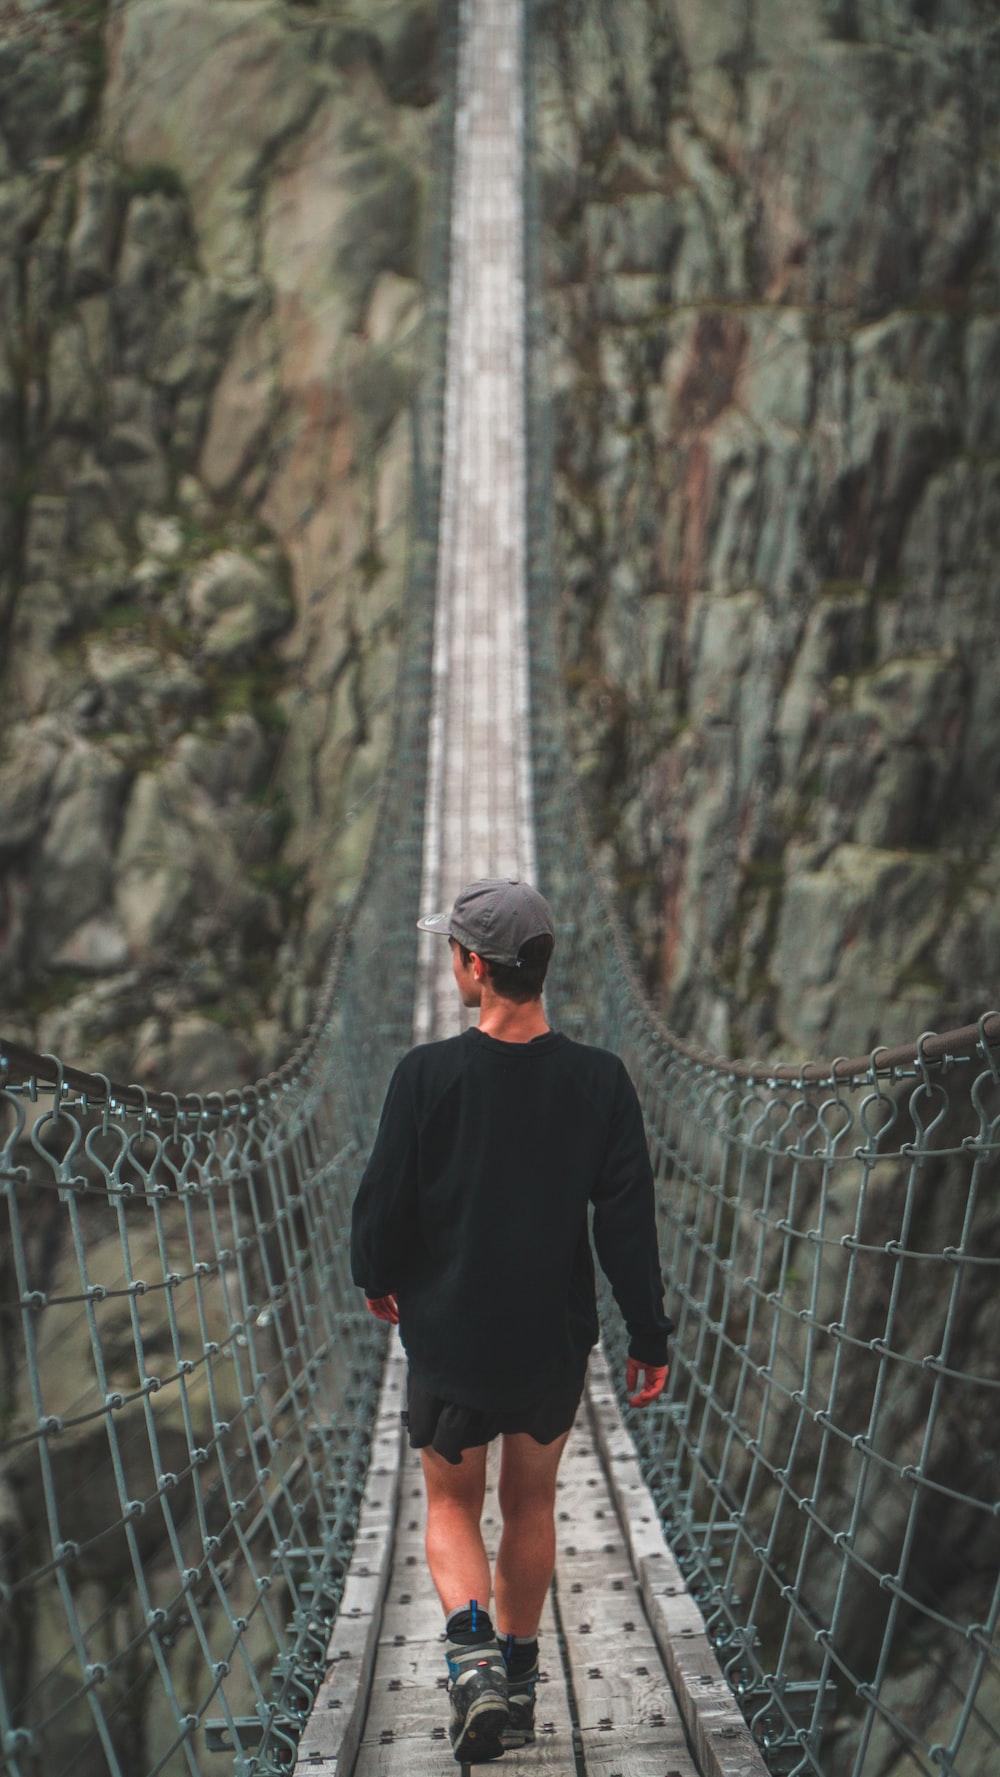 man walking on hanging bridge during daytime